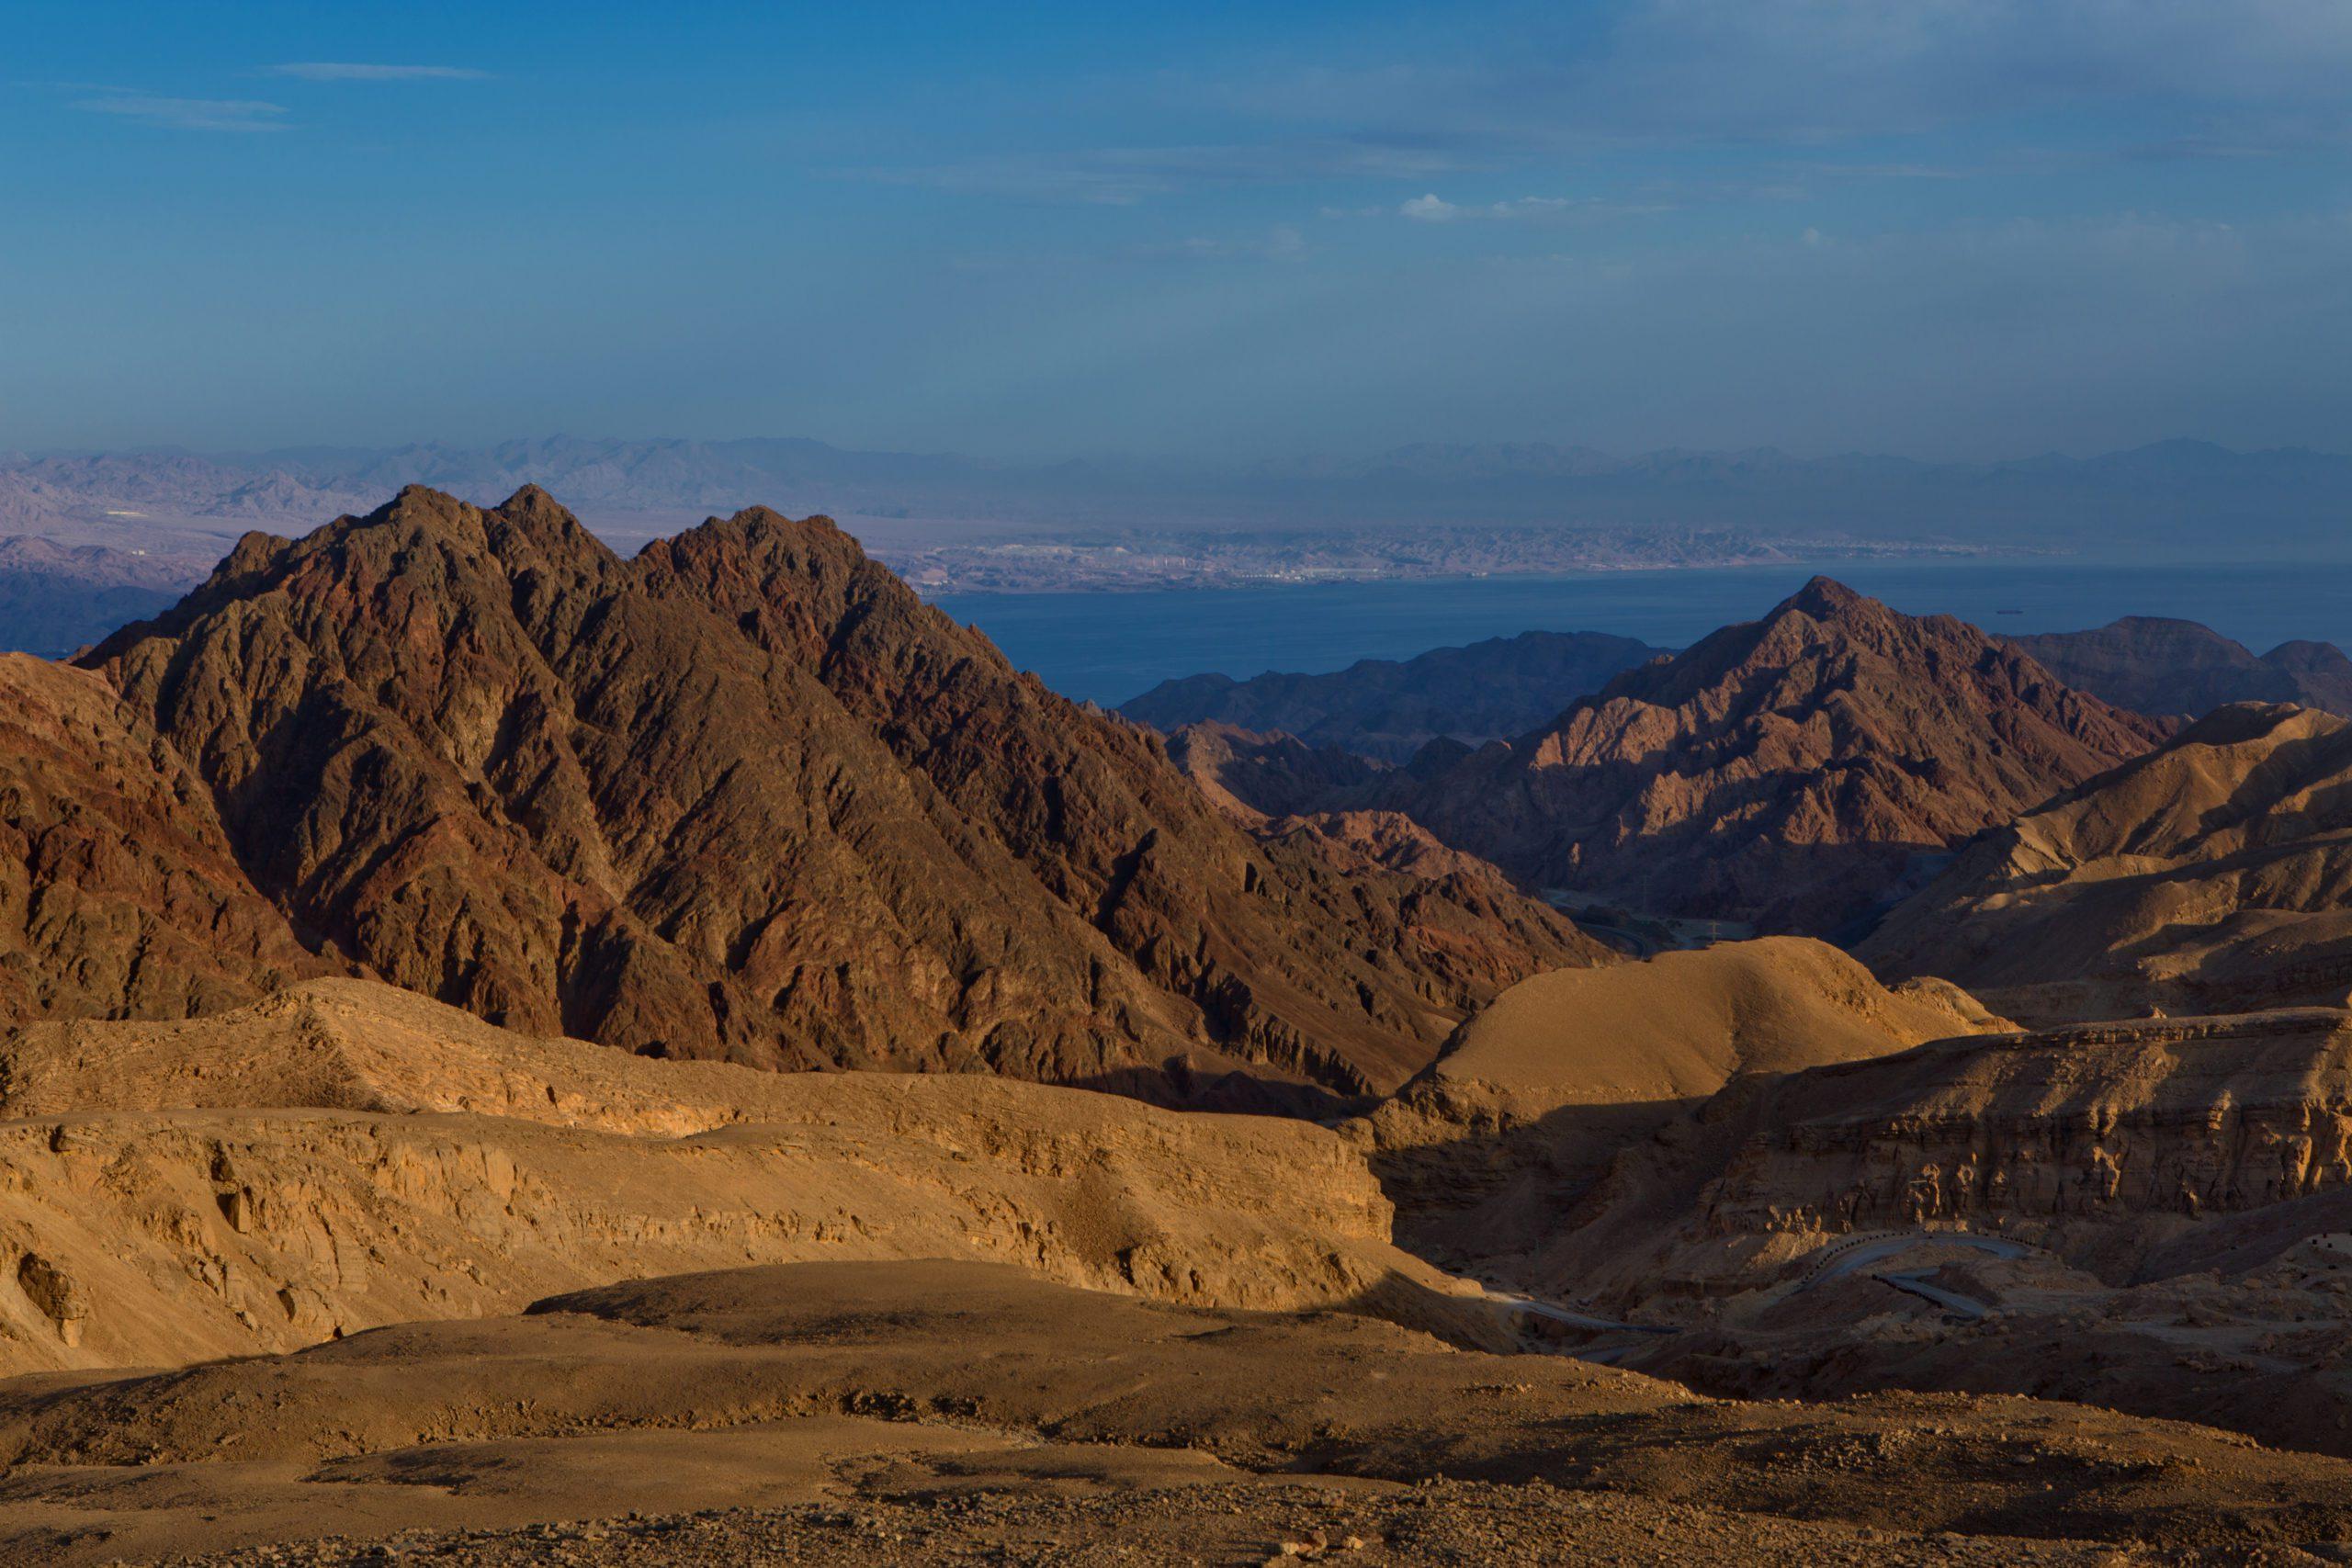 Negev Desert and mountains near Eilat